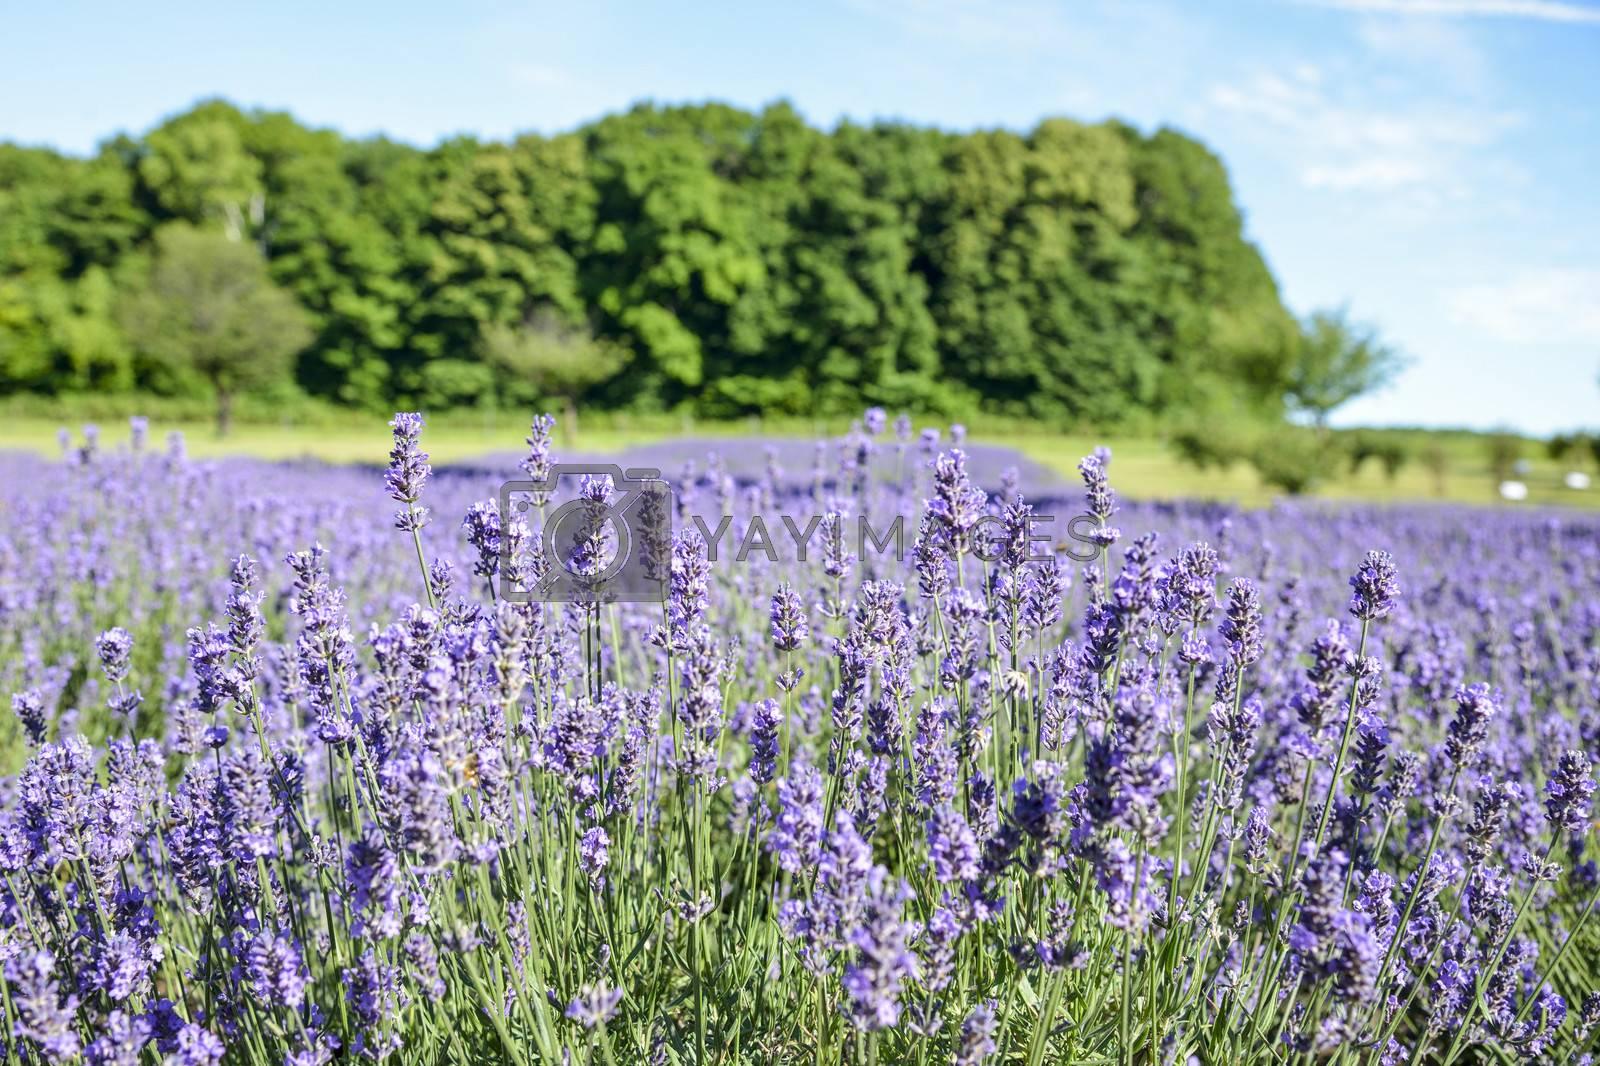 Lavender flower garden2 by gjeerawut